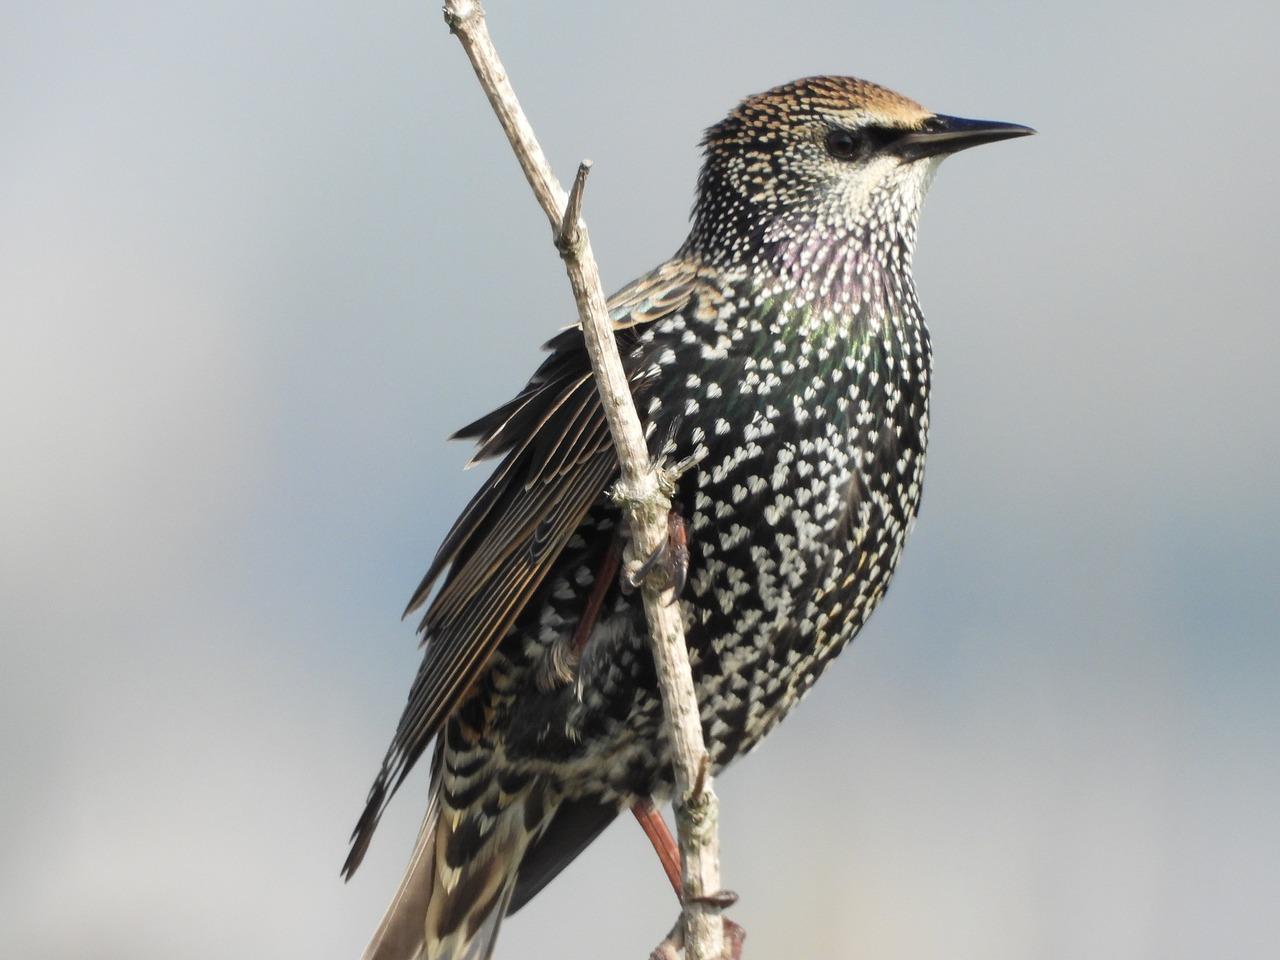 строительства всех скворцы перелетные птицы или нет расскажем самых интересных